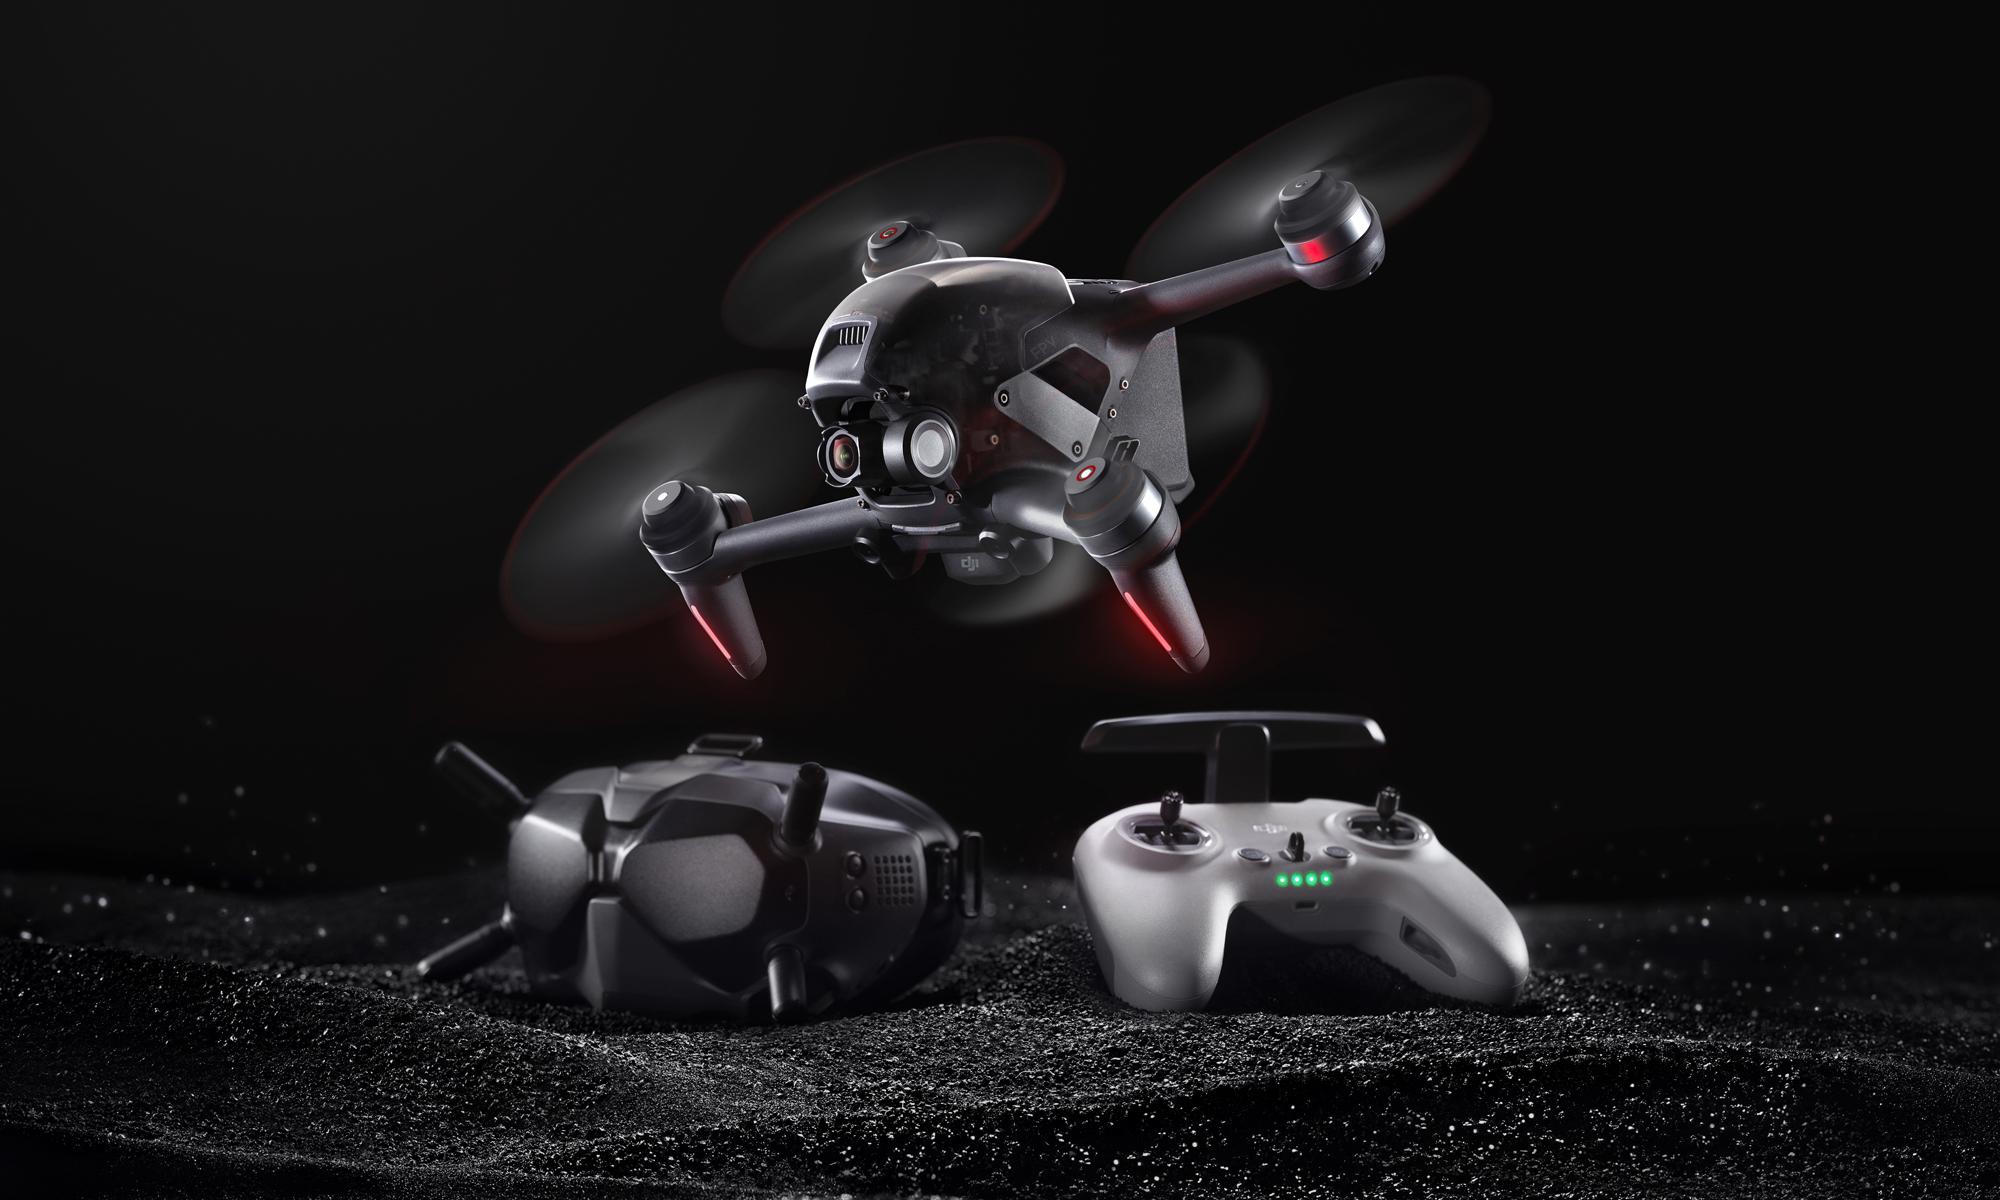 ドローン飛行を新たな次元へ。DJI、新製品「DJI FPV」を発表。